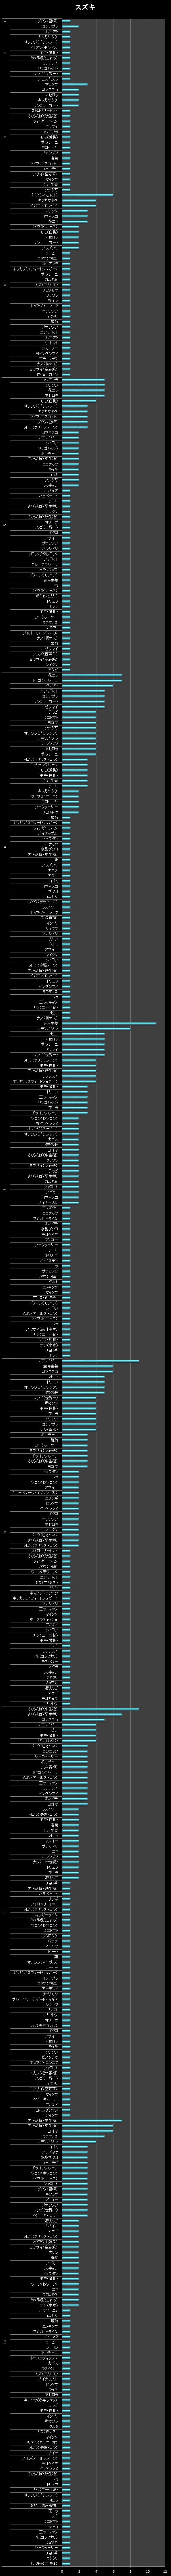 横棒グラフ/スズキ